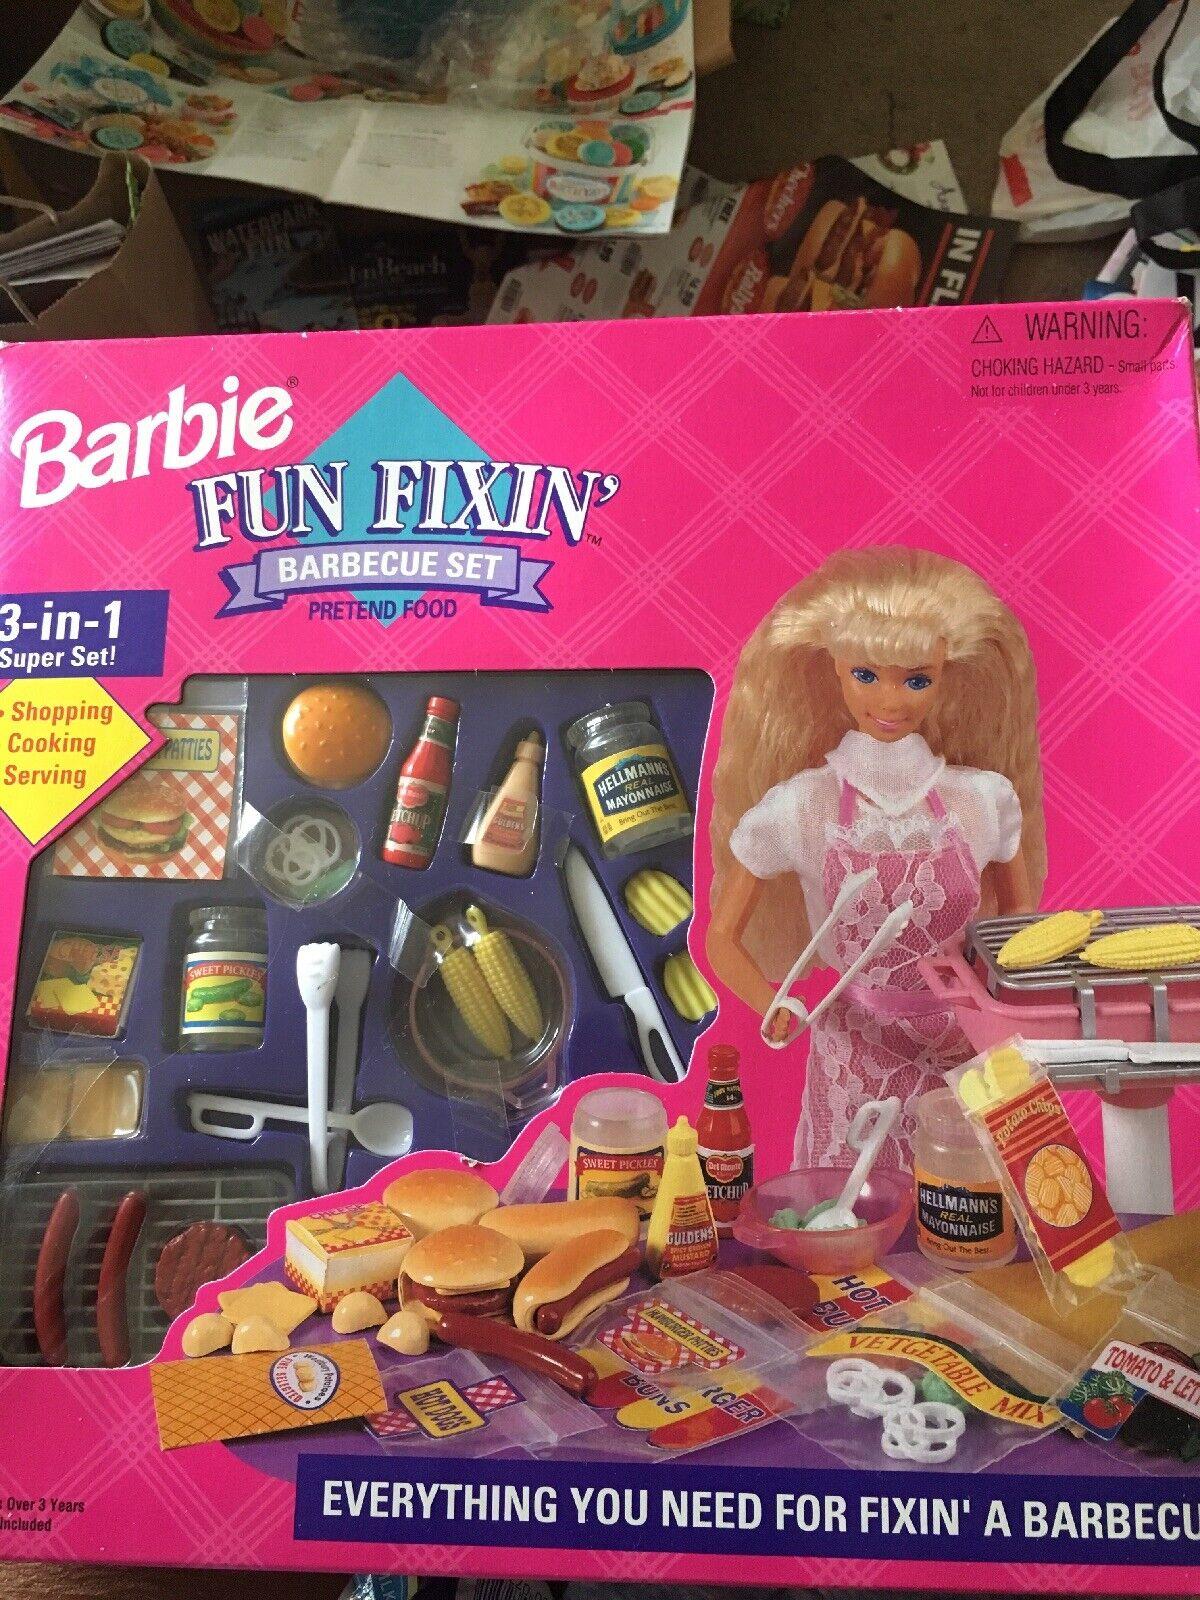 Barbie Fun Fixin' Barbecue Set